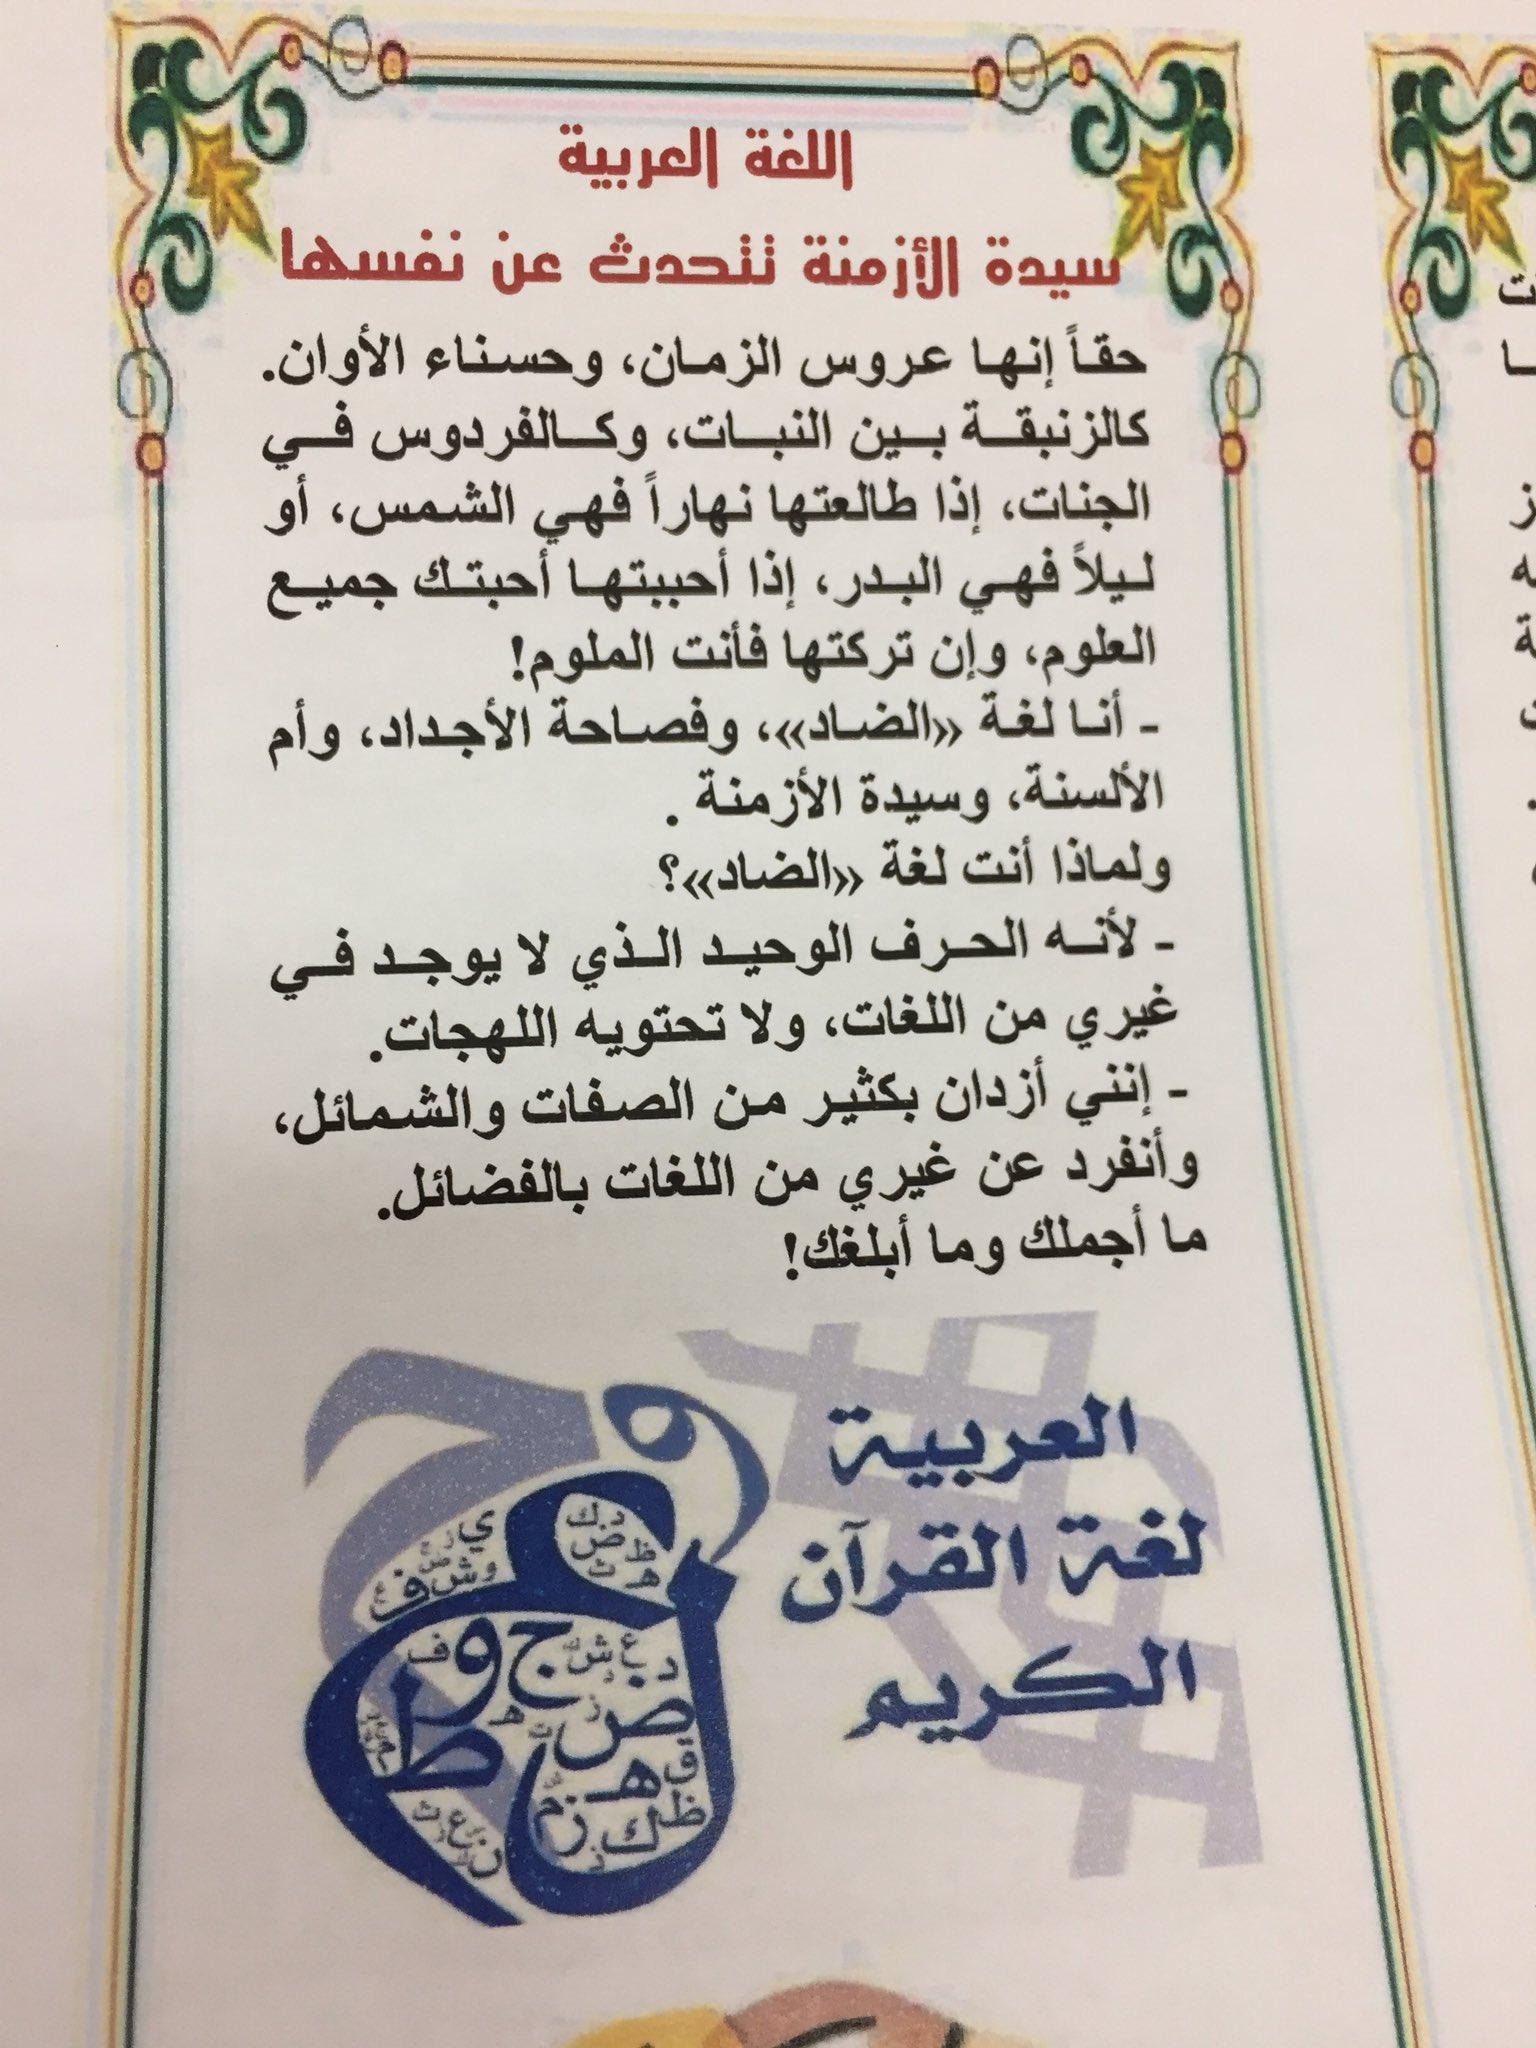 مطويات عن اللغة العربية